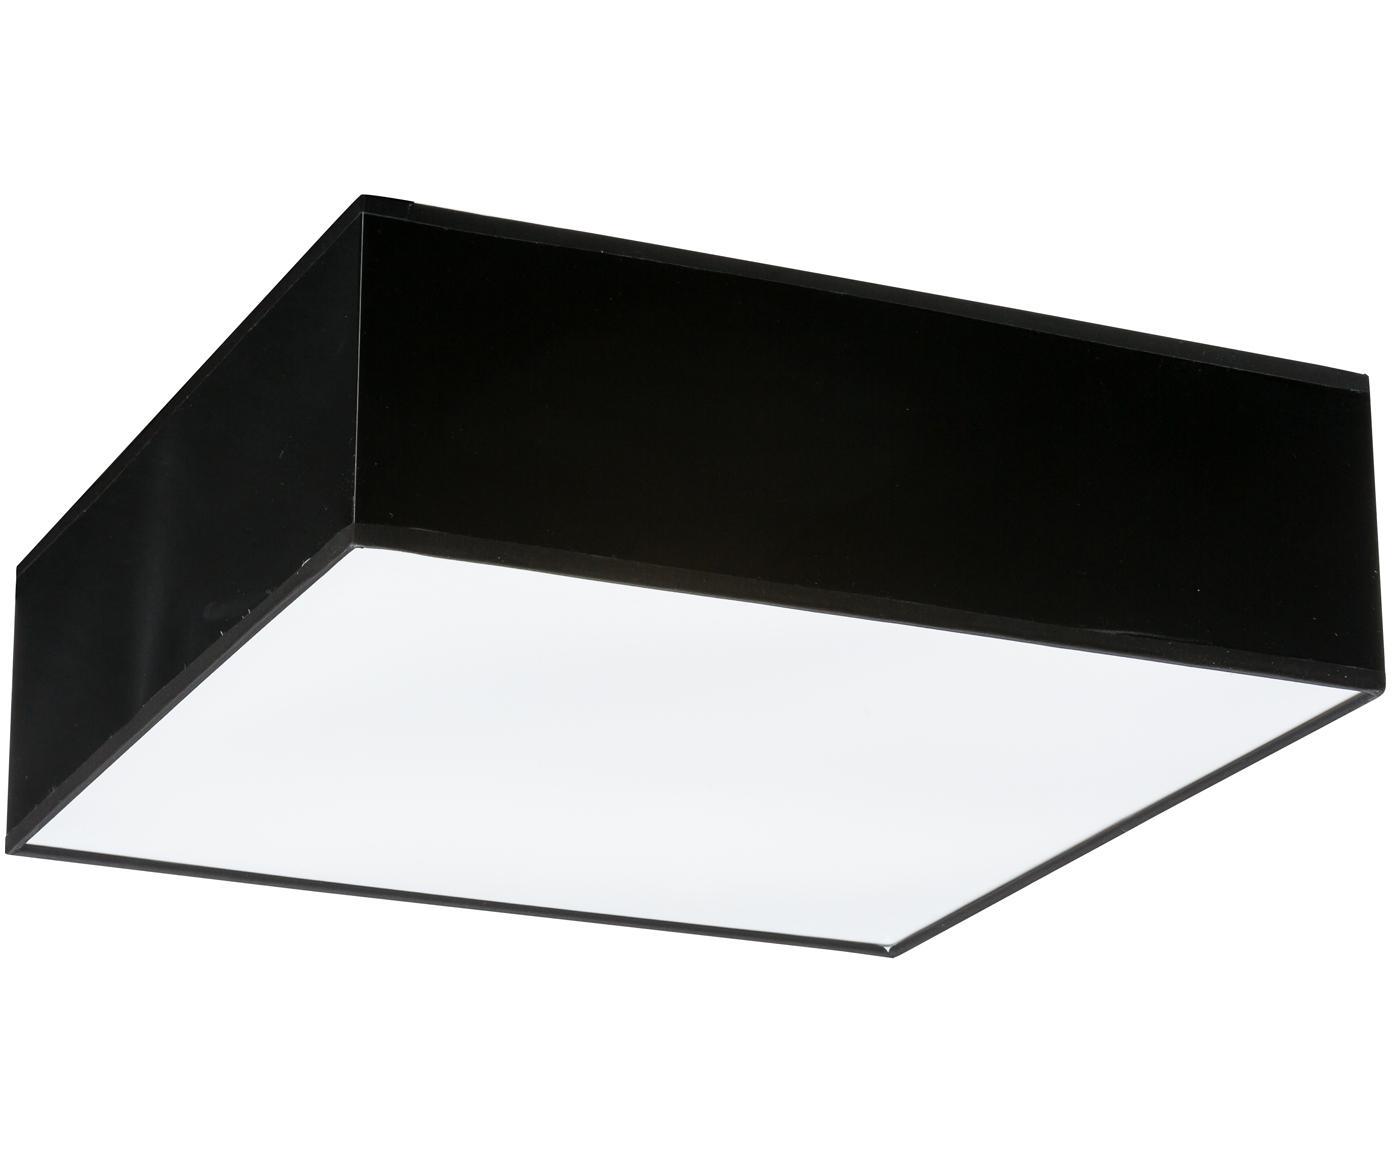 Plafoniera in materiale sintetico Mitra, Materiale sintetico (PVC), Cornice: nero Diffusore: bianco, Larg. 35 x Alt. 12 cm